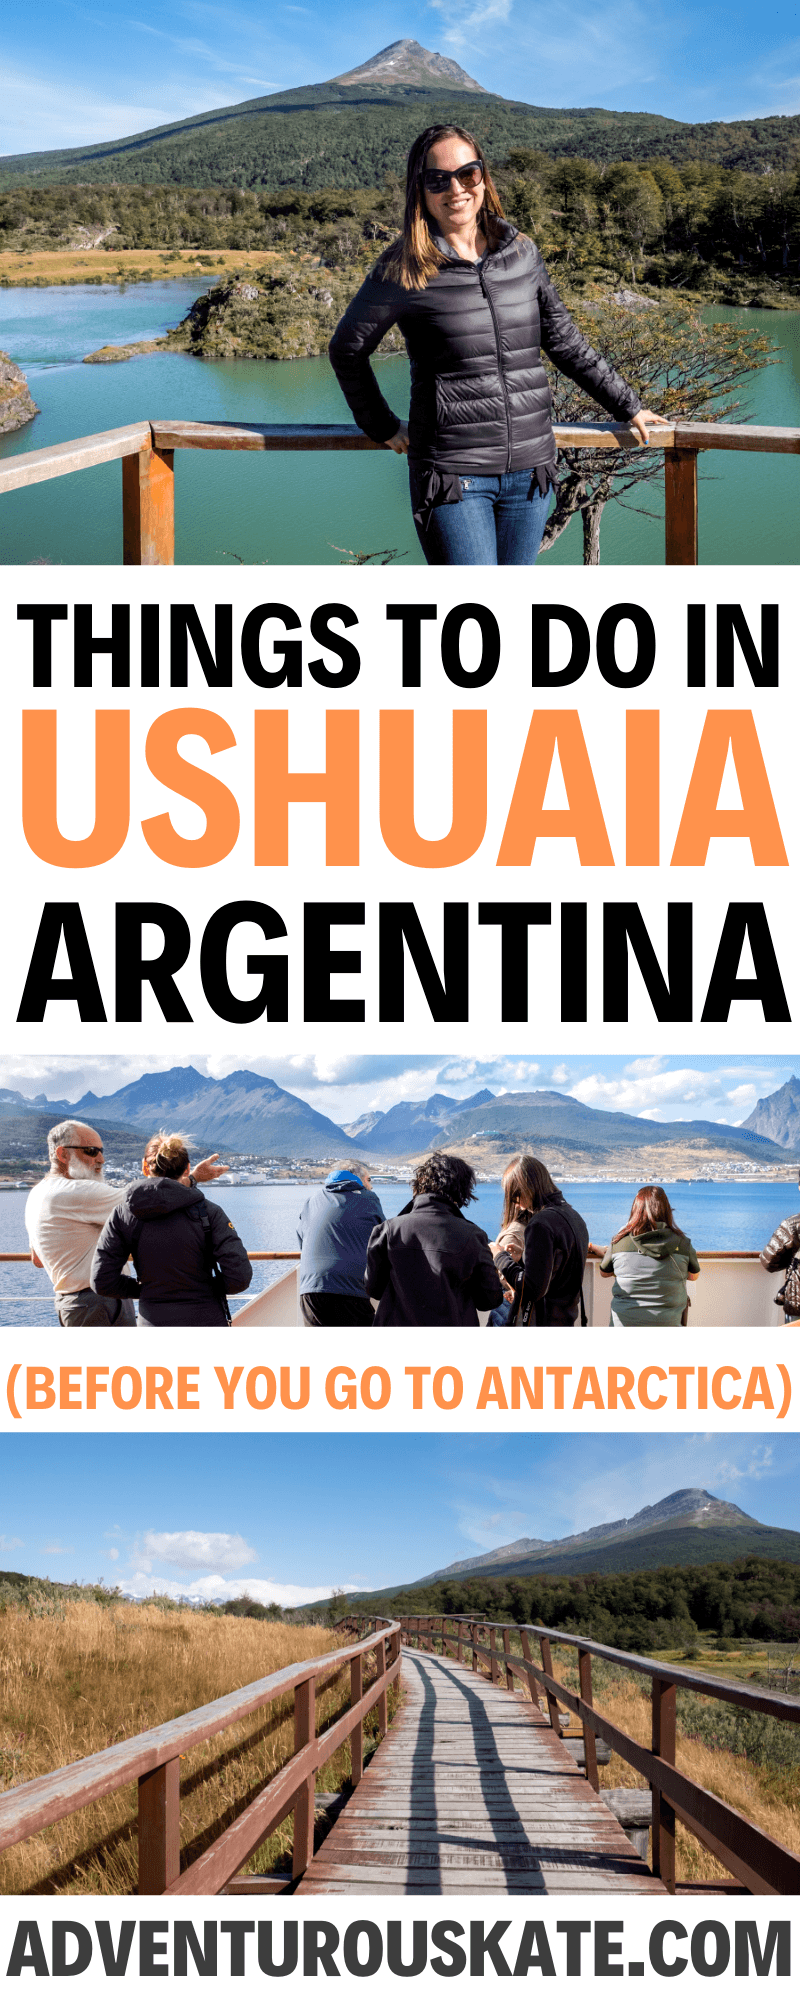 Things-to-Do-in-Ushuaia-Argentine ▷ Las mejores cosas que hacer en Ushuaia, Argentina, la ciudad más austral del mundo